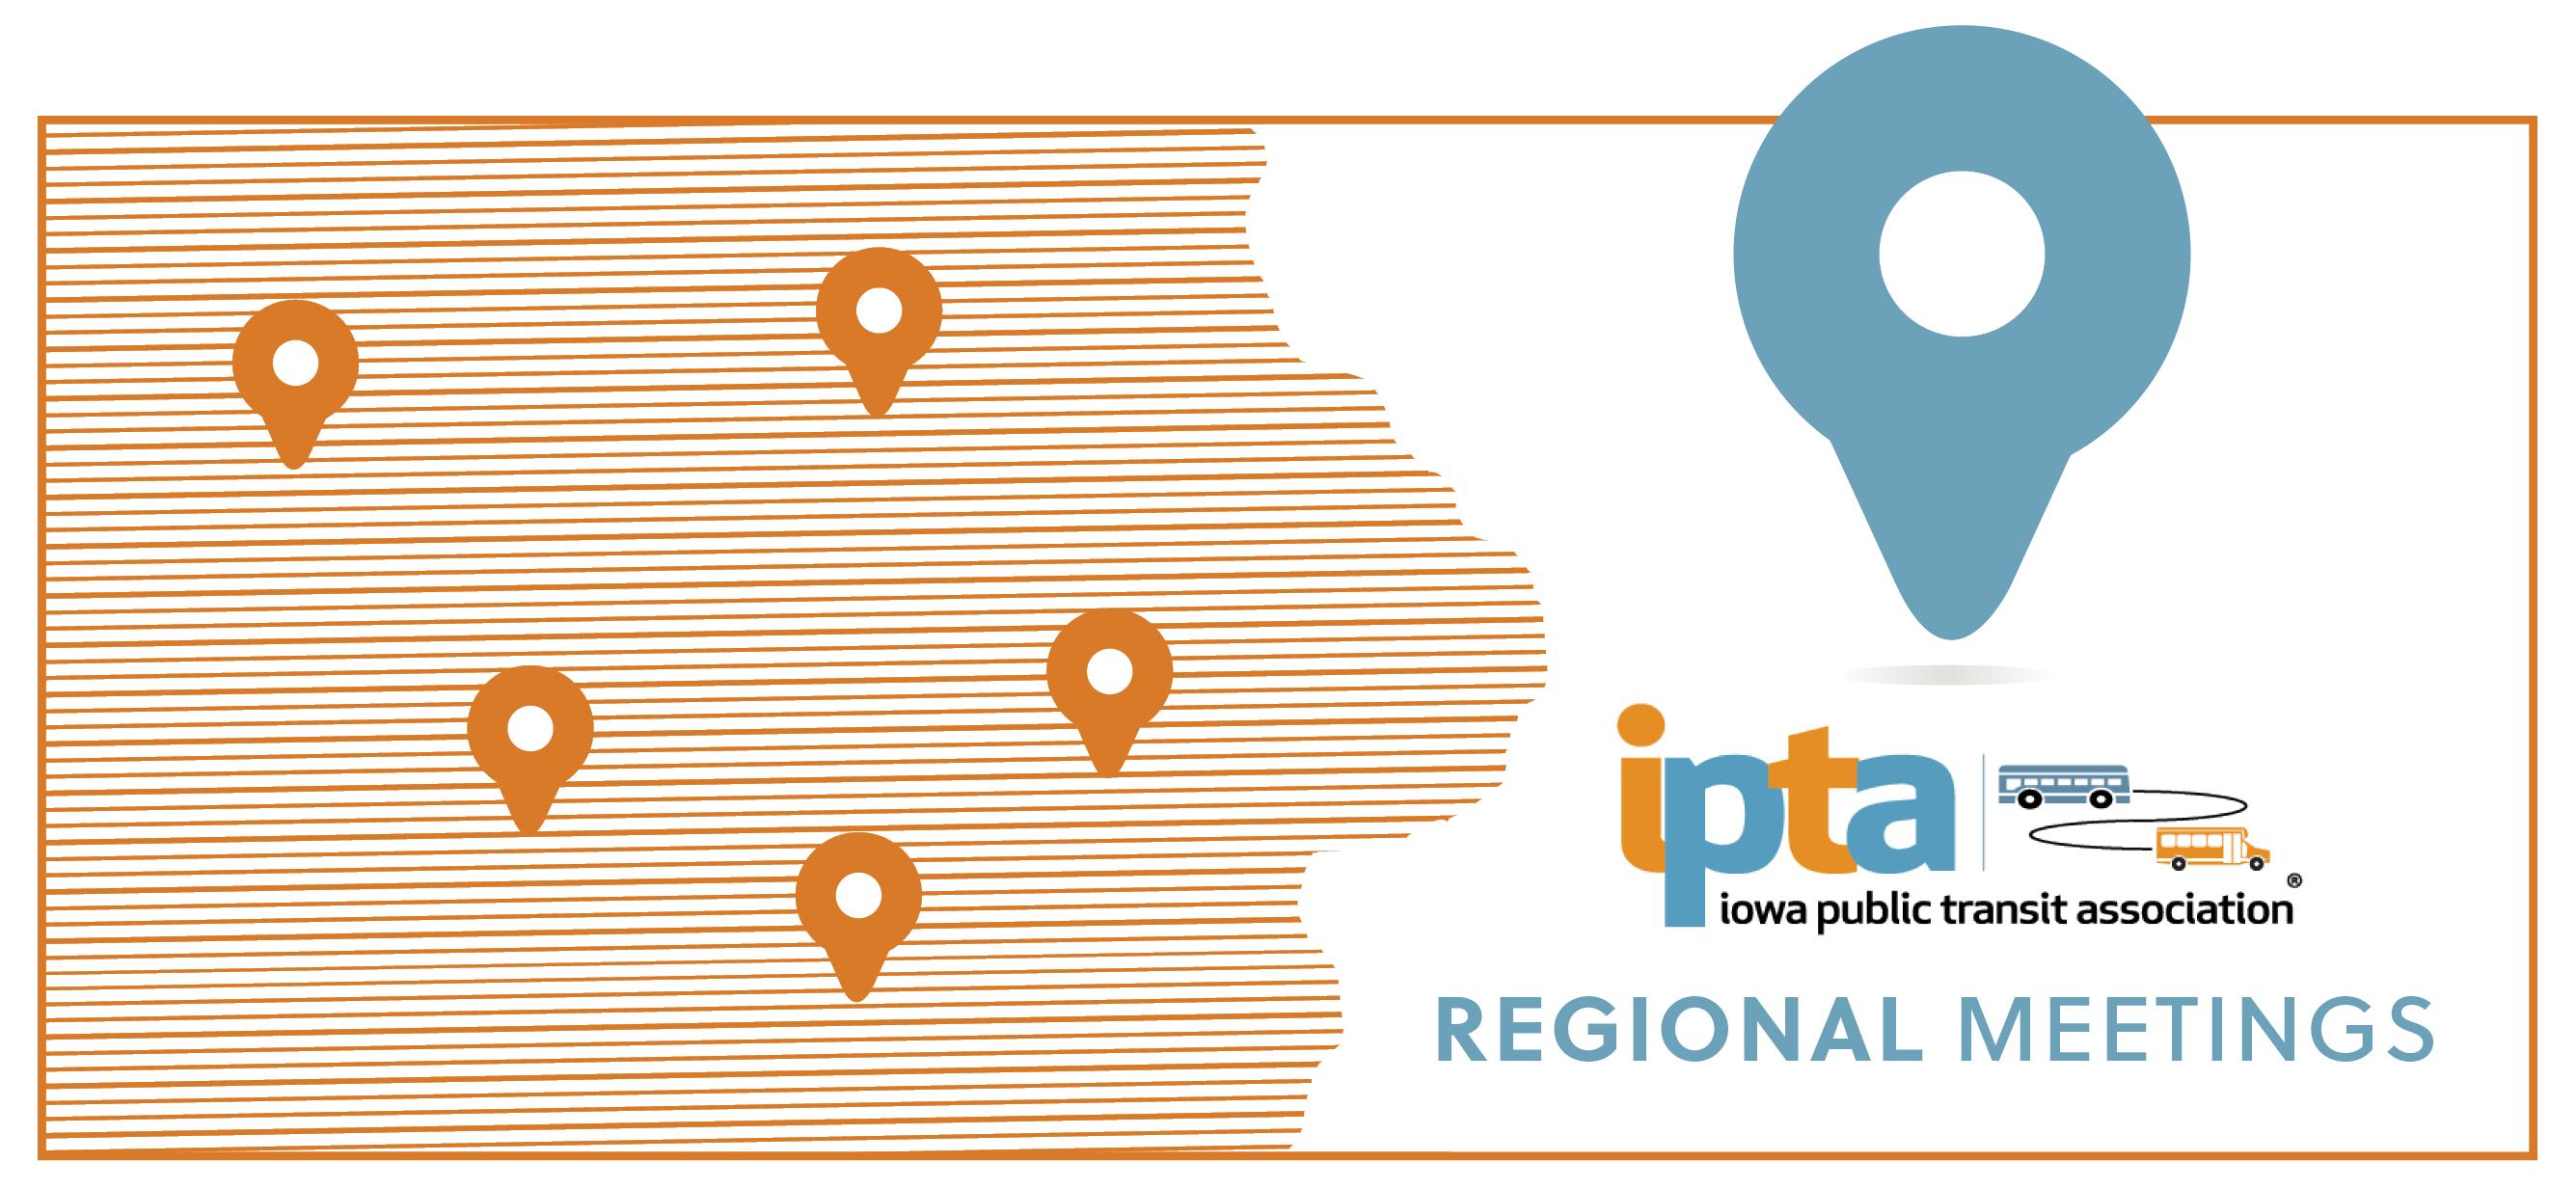 IPTA Regional Meetings Banner (2)